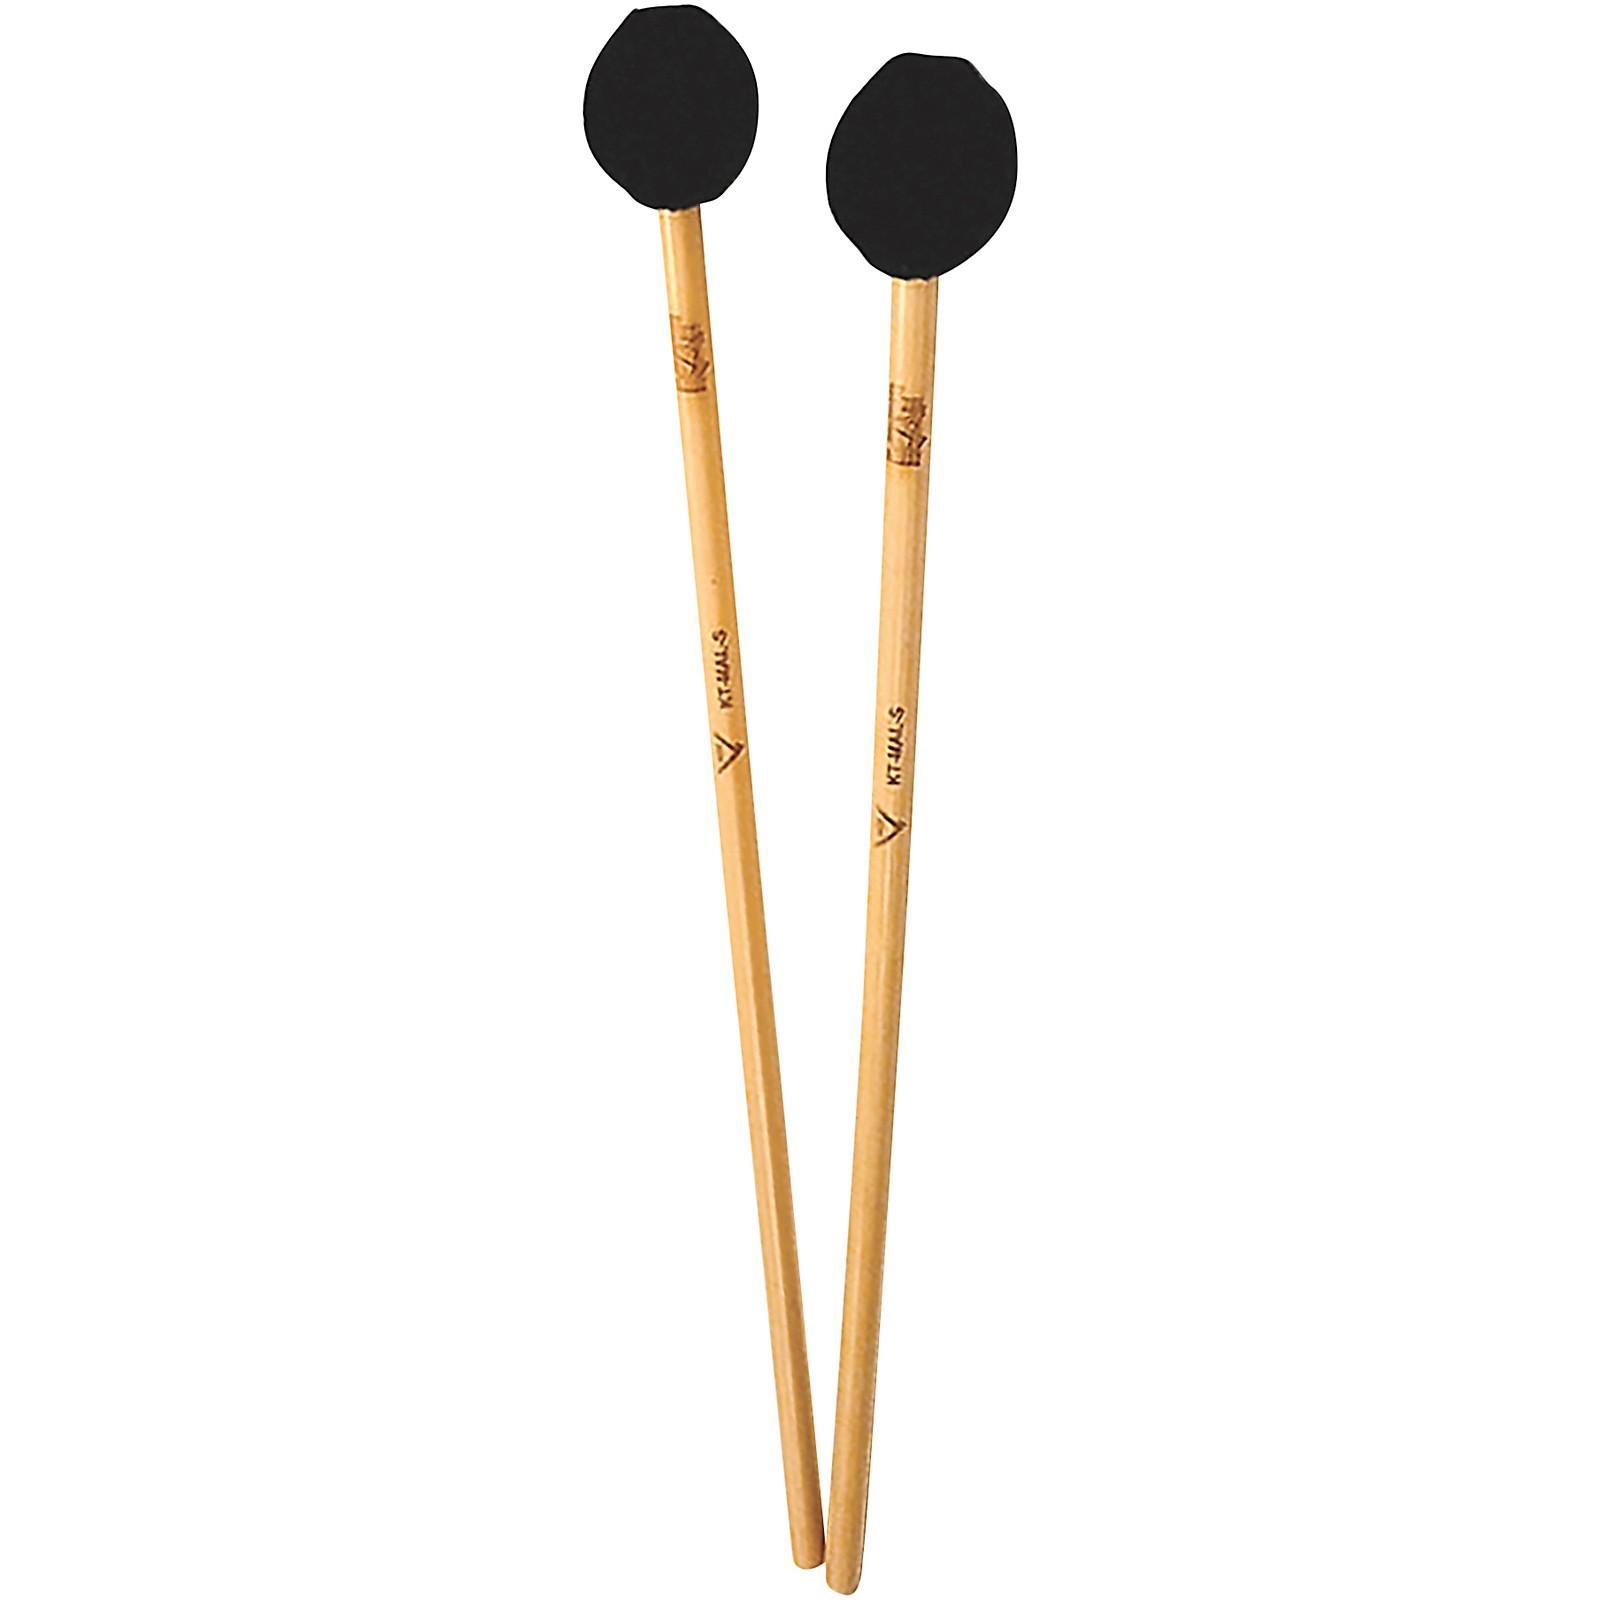 KAT Percussion Malletkat Mallets - Standard